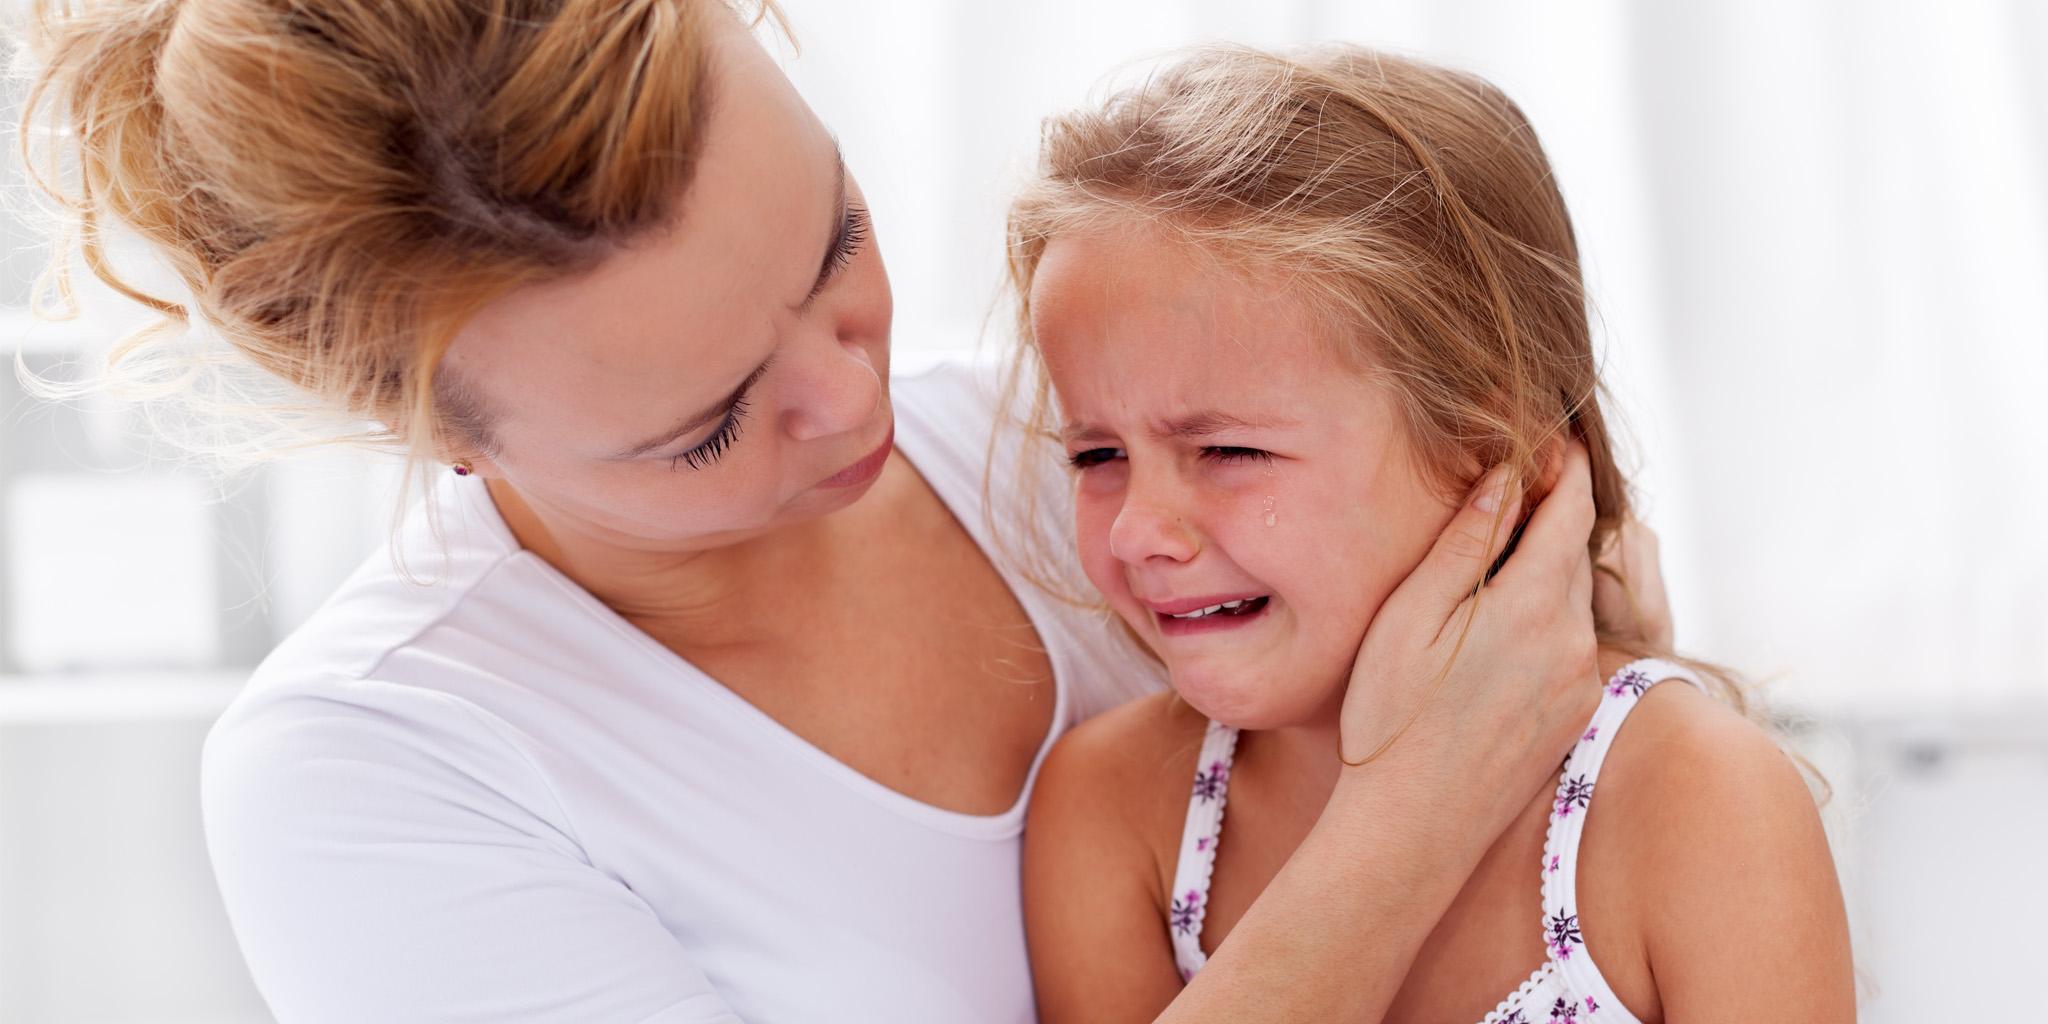 Cómo afrontar el bullying